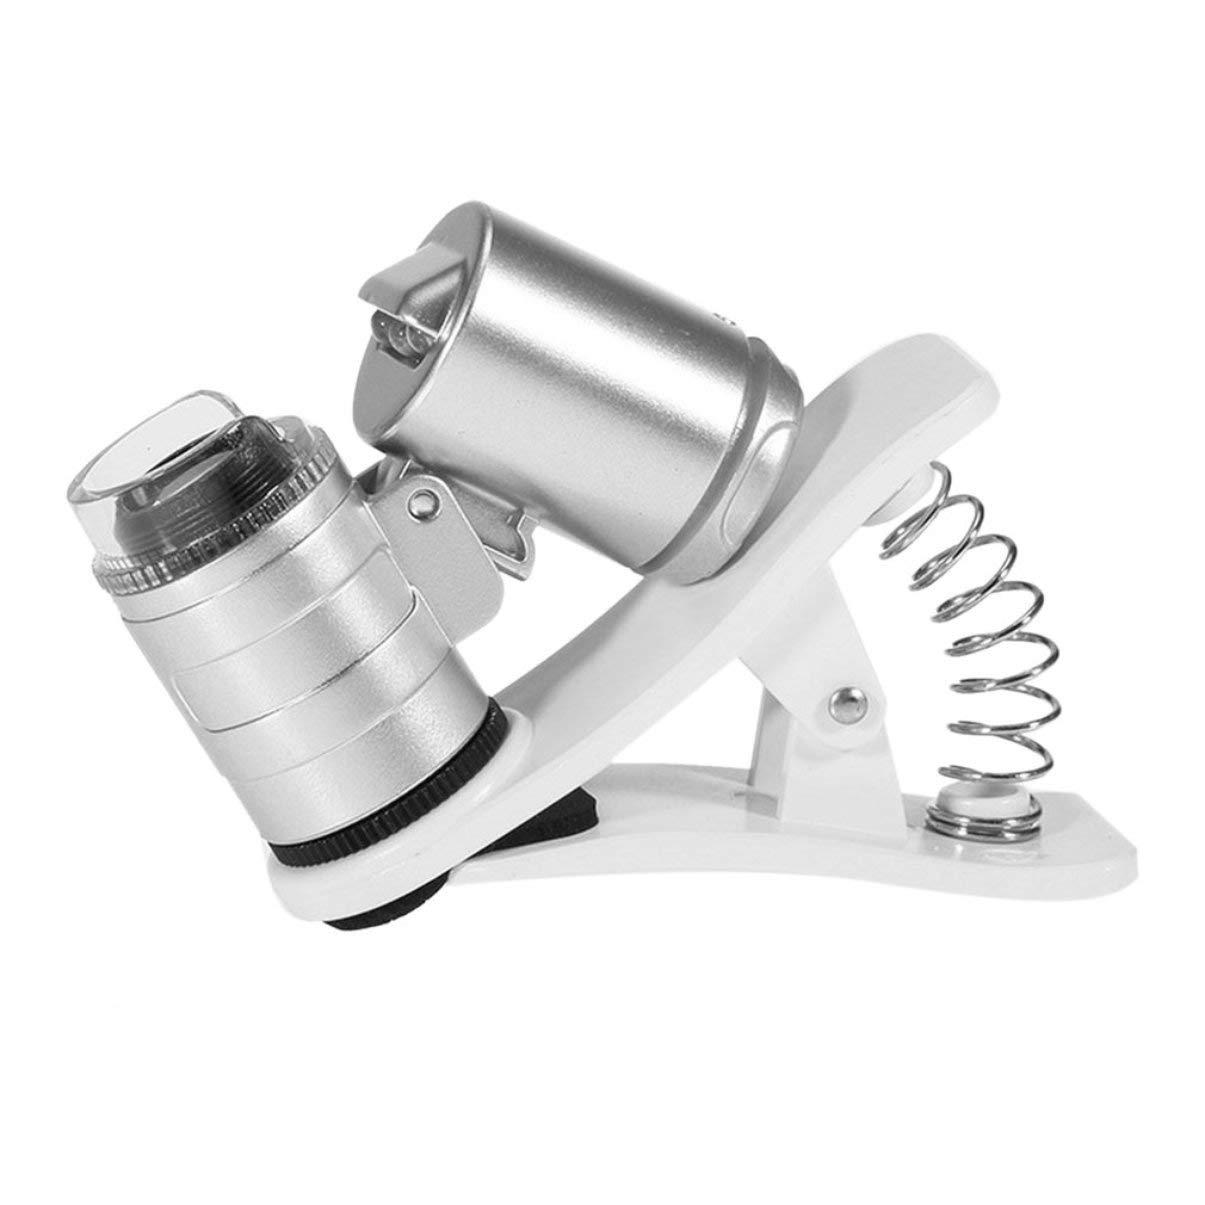 JullyeleITgant Microscopio da Macchina Fotografica Universale 60X Mini Microscopio Portatile Clip-on con luci LED/UV per Smart Phone